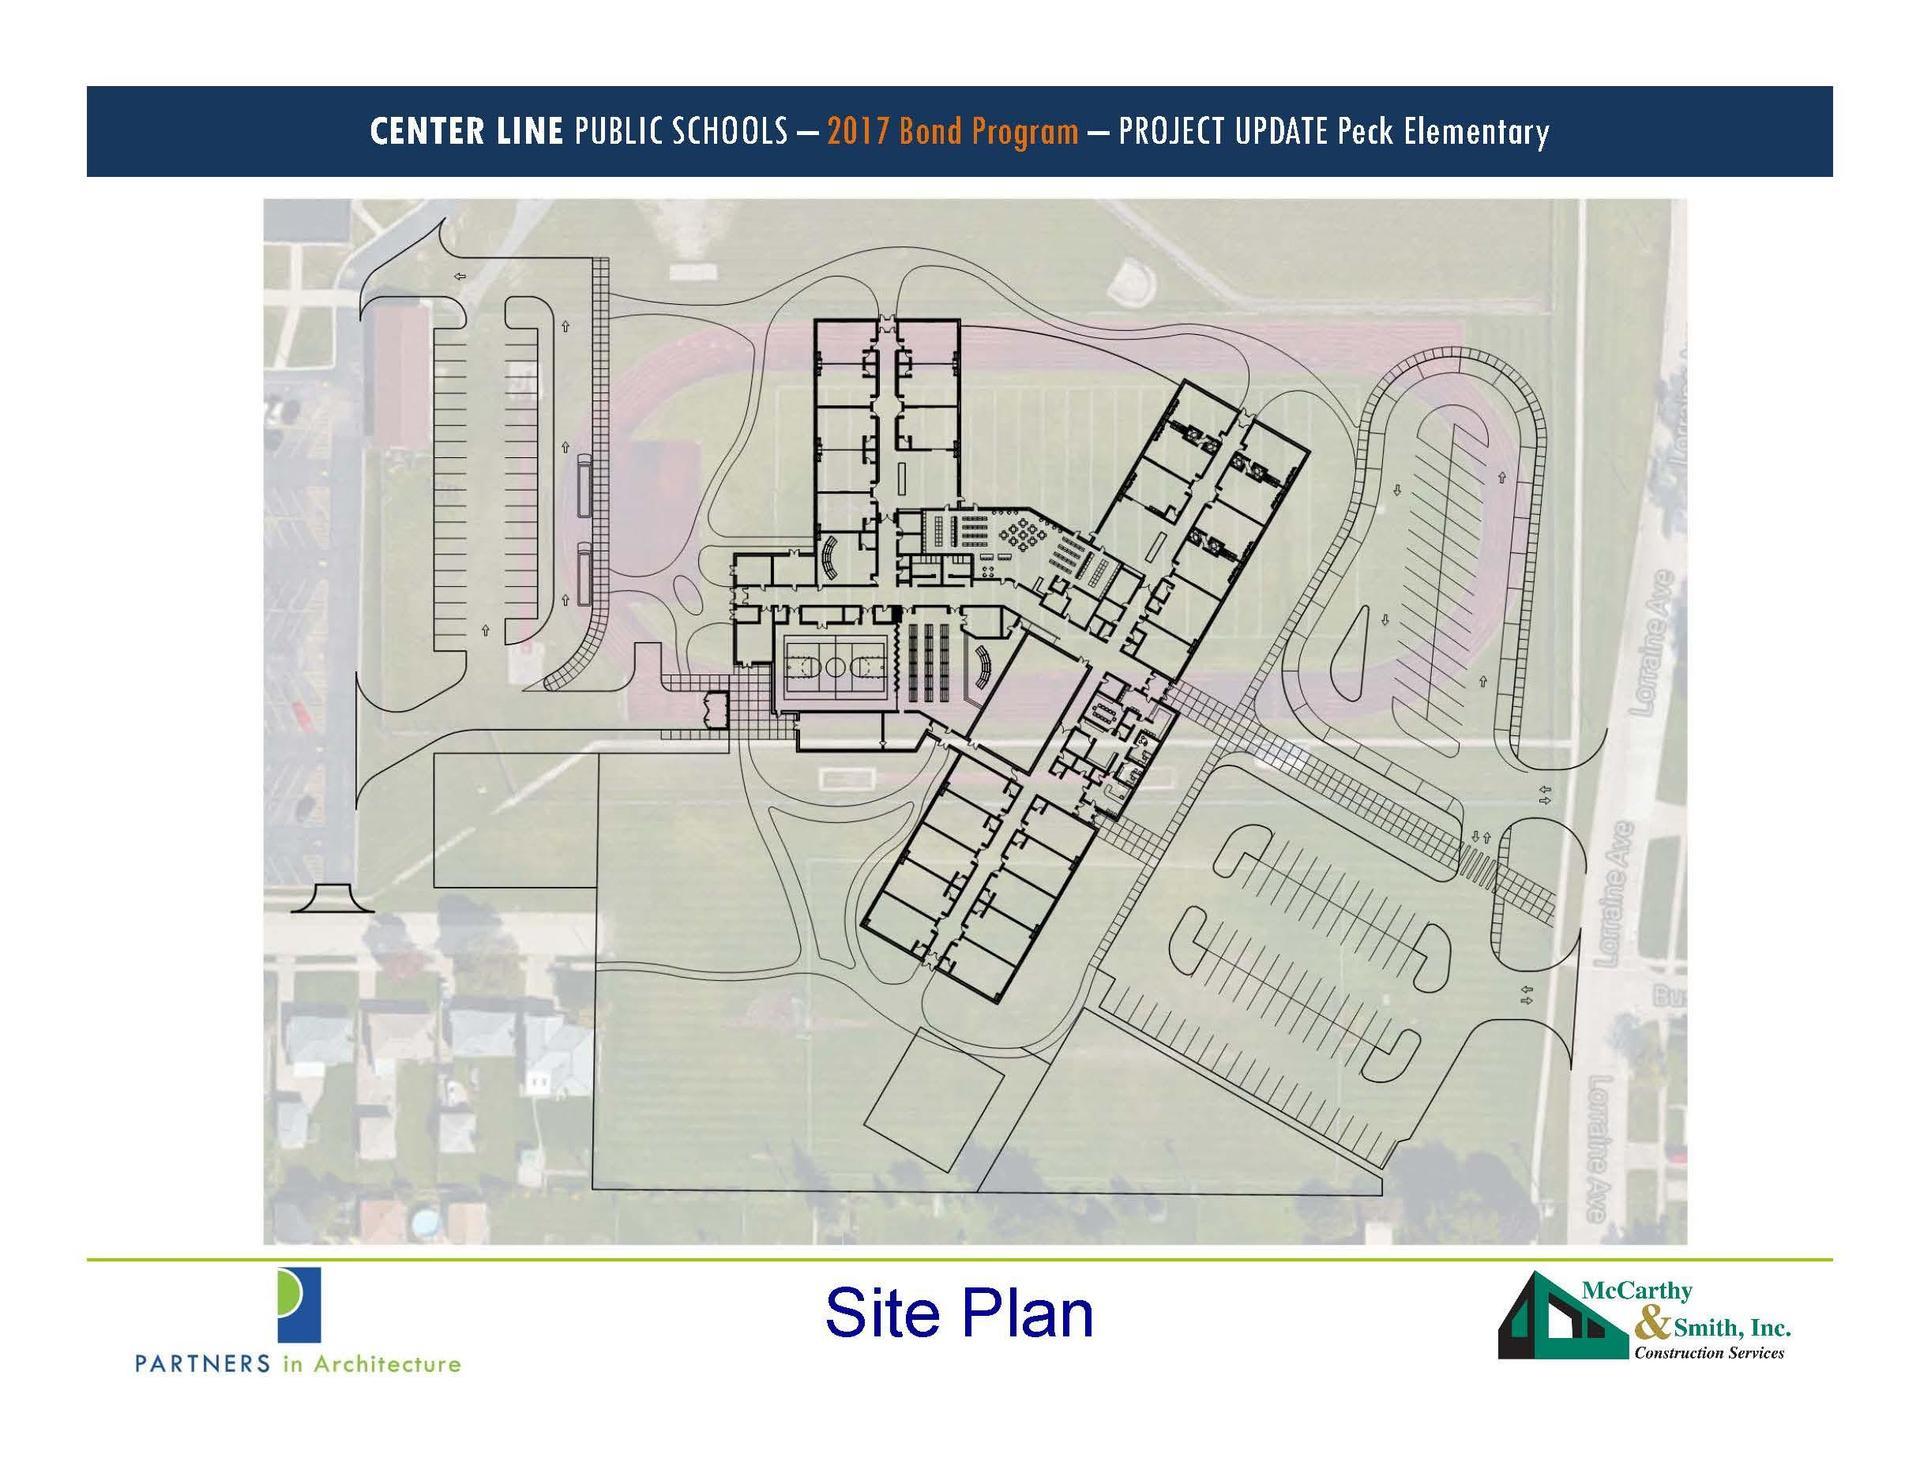 Peck site plan